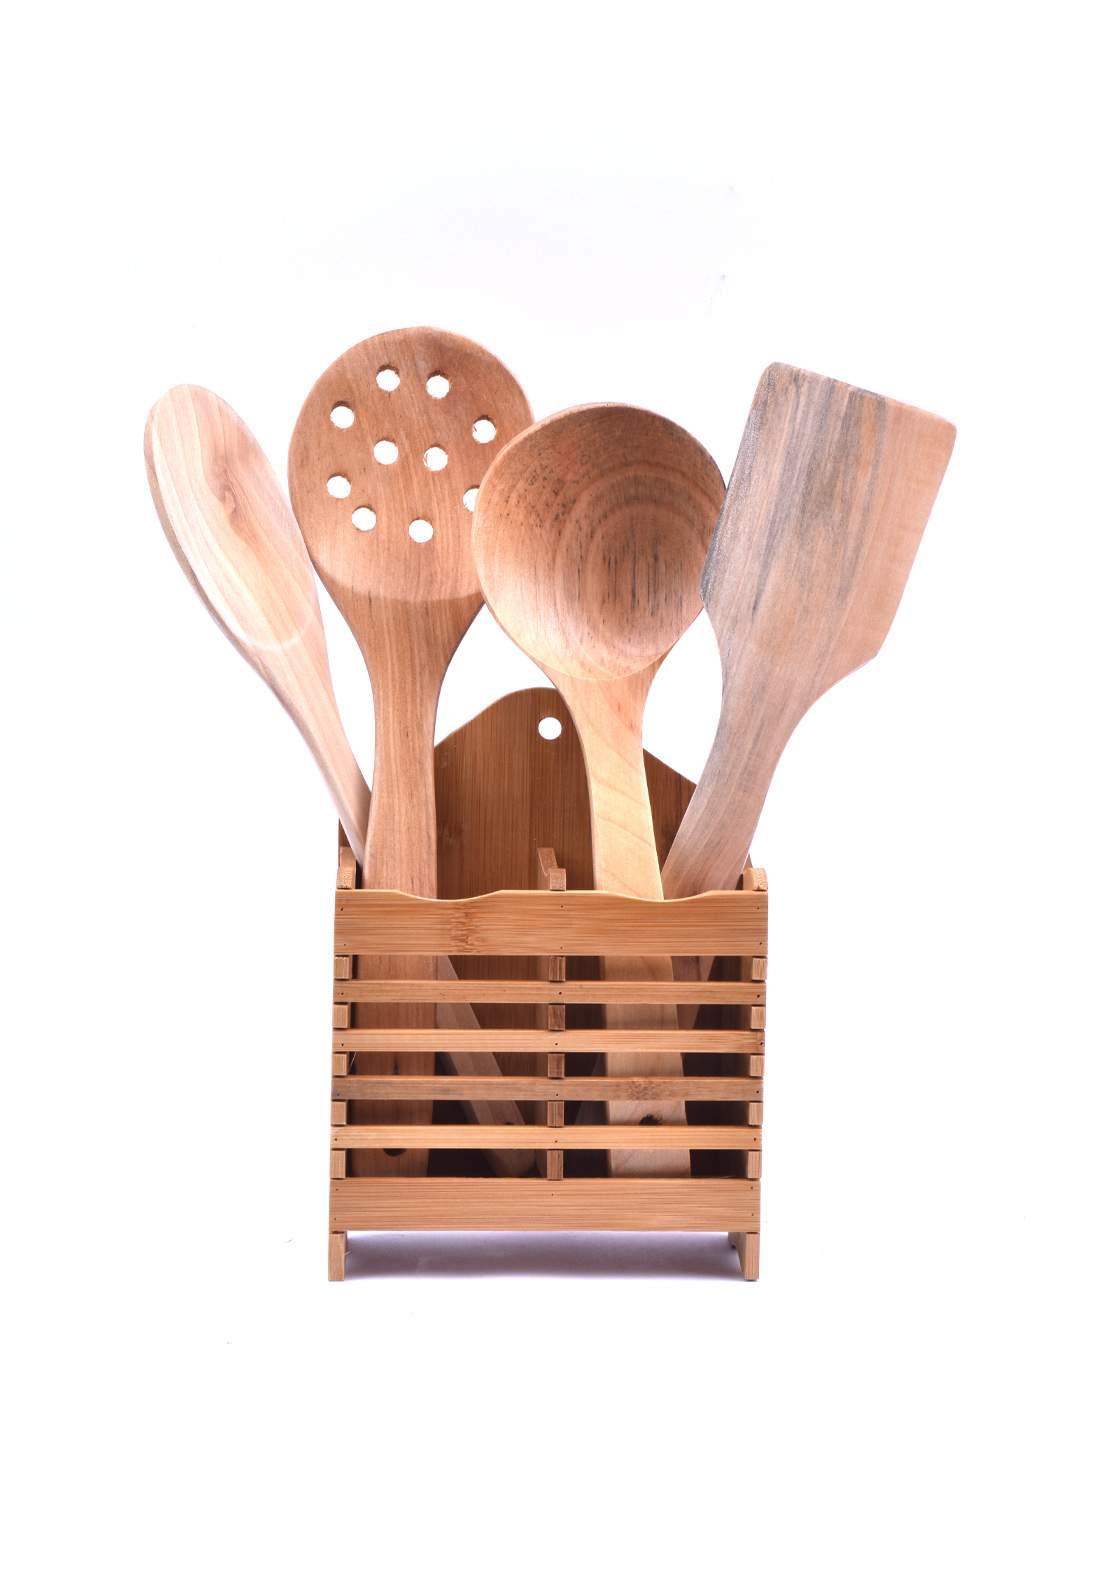 سيت ملاعق طبخ خشبية  61